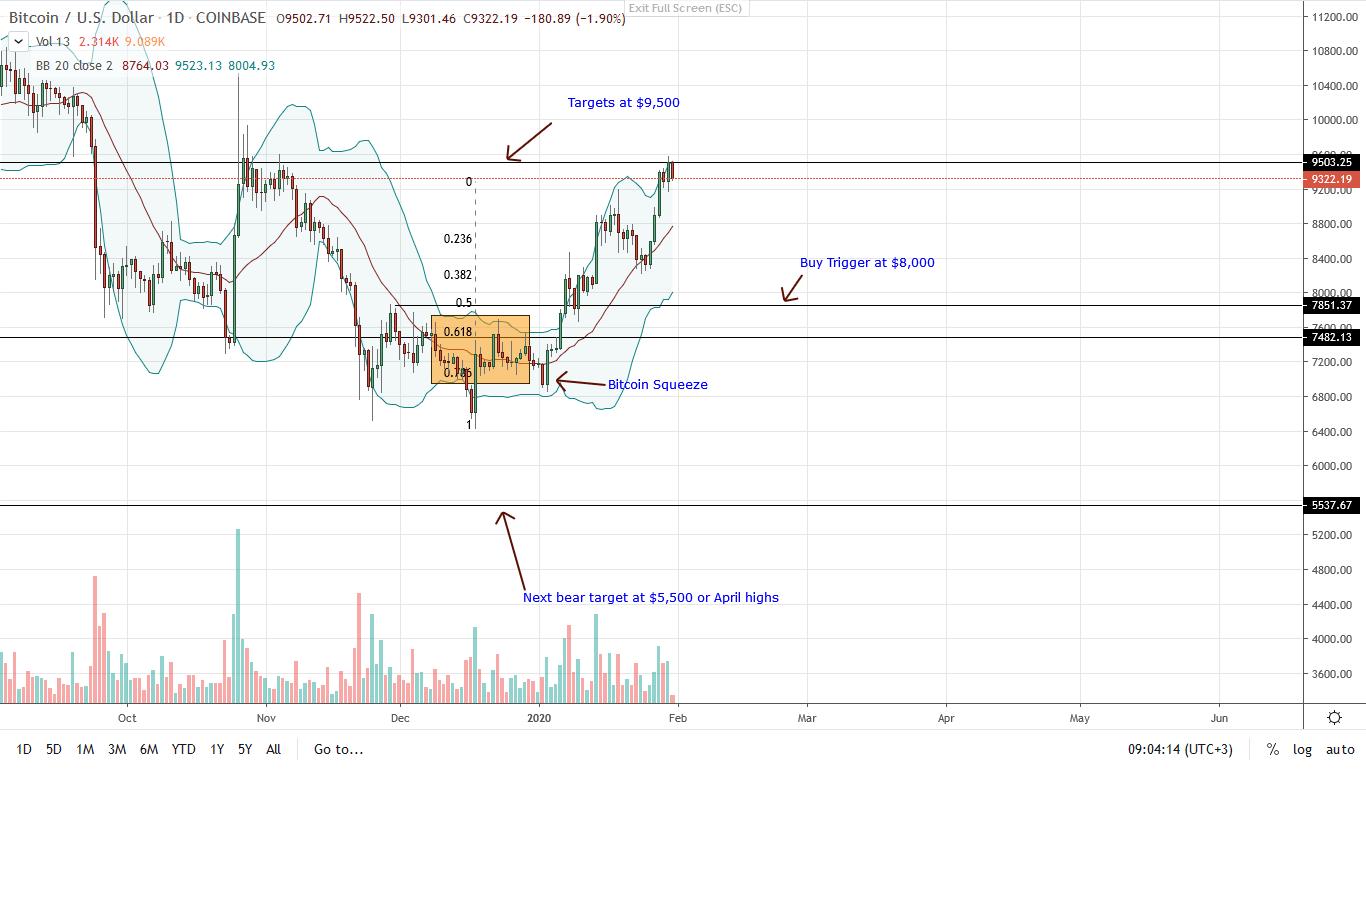 Bitcoin Daily Chart 31/01/2020